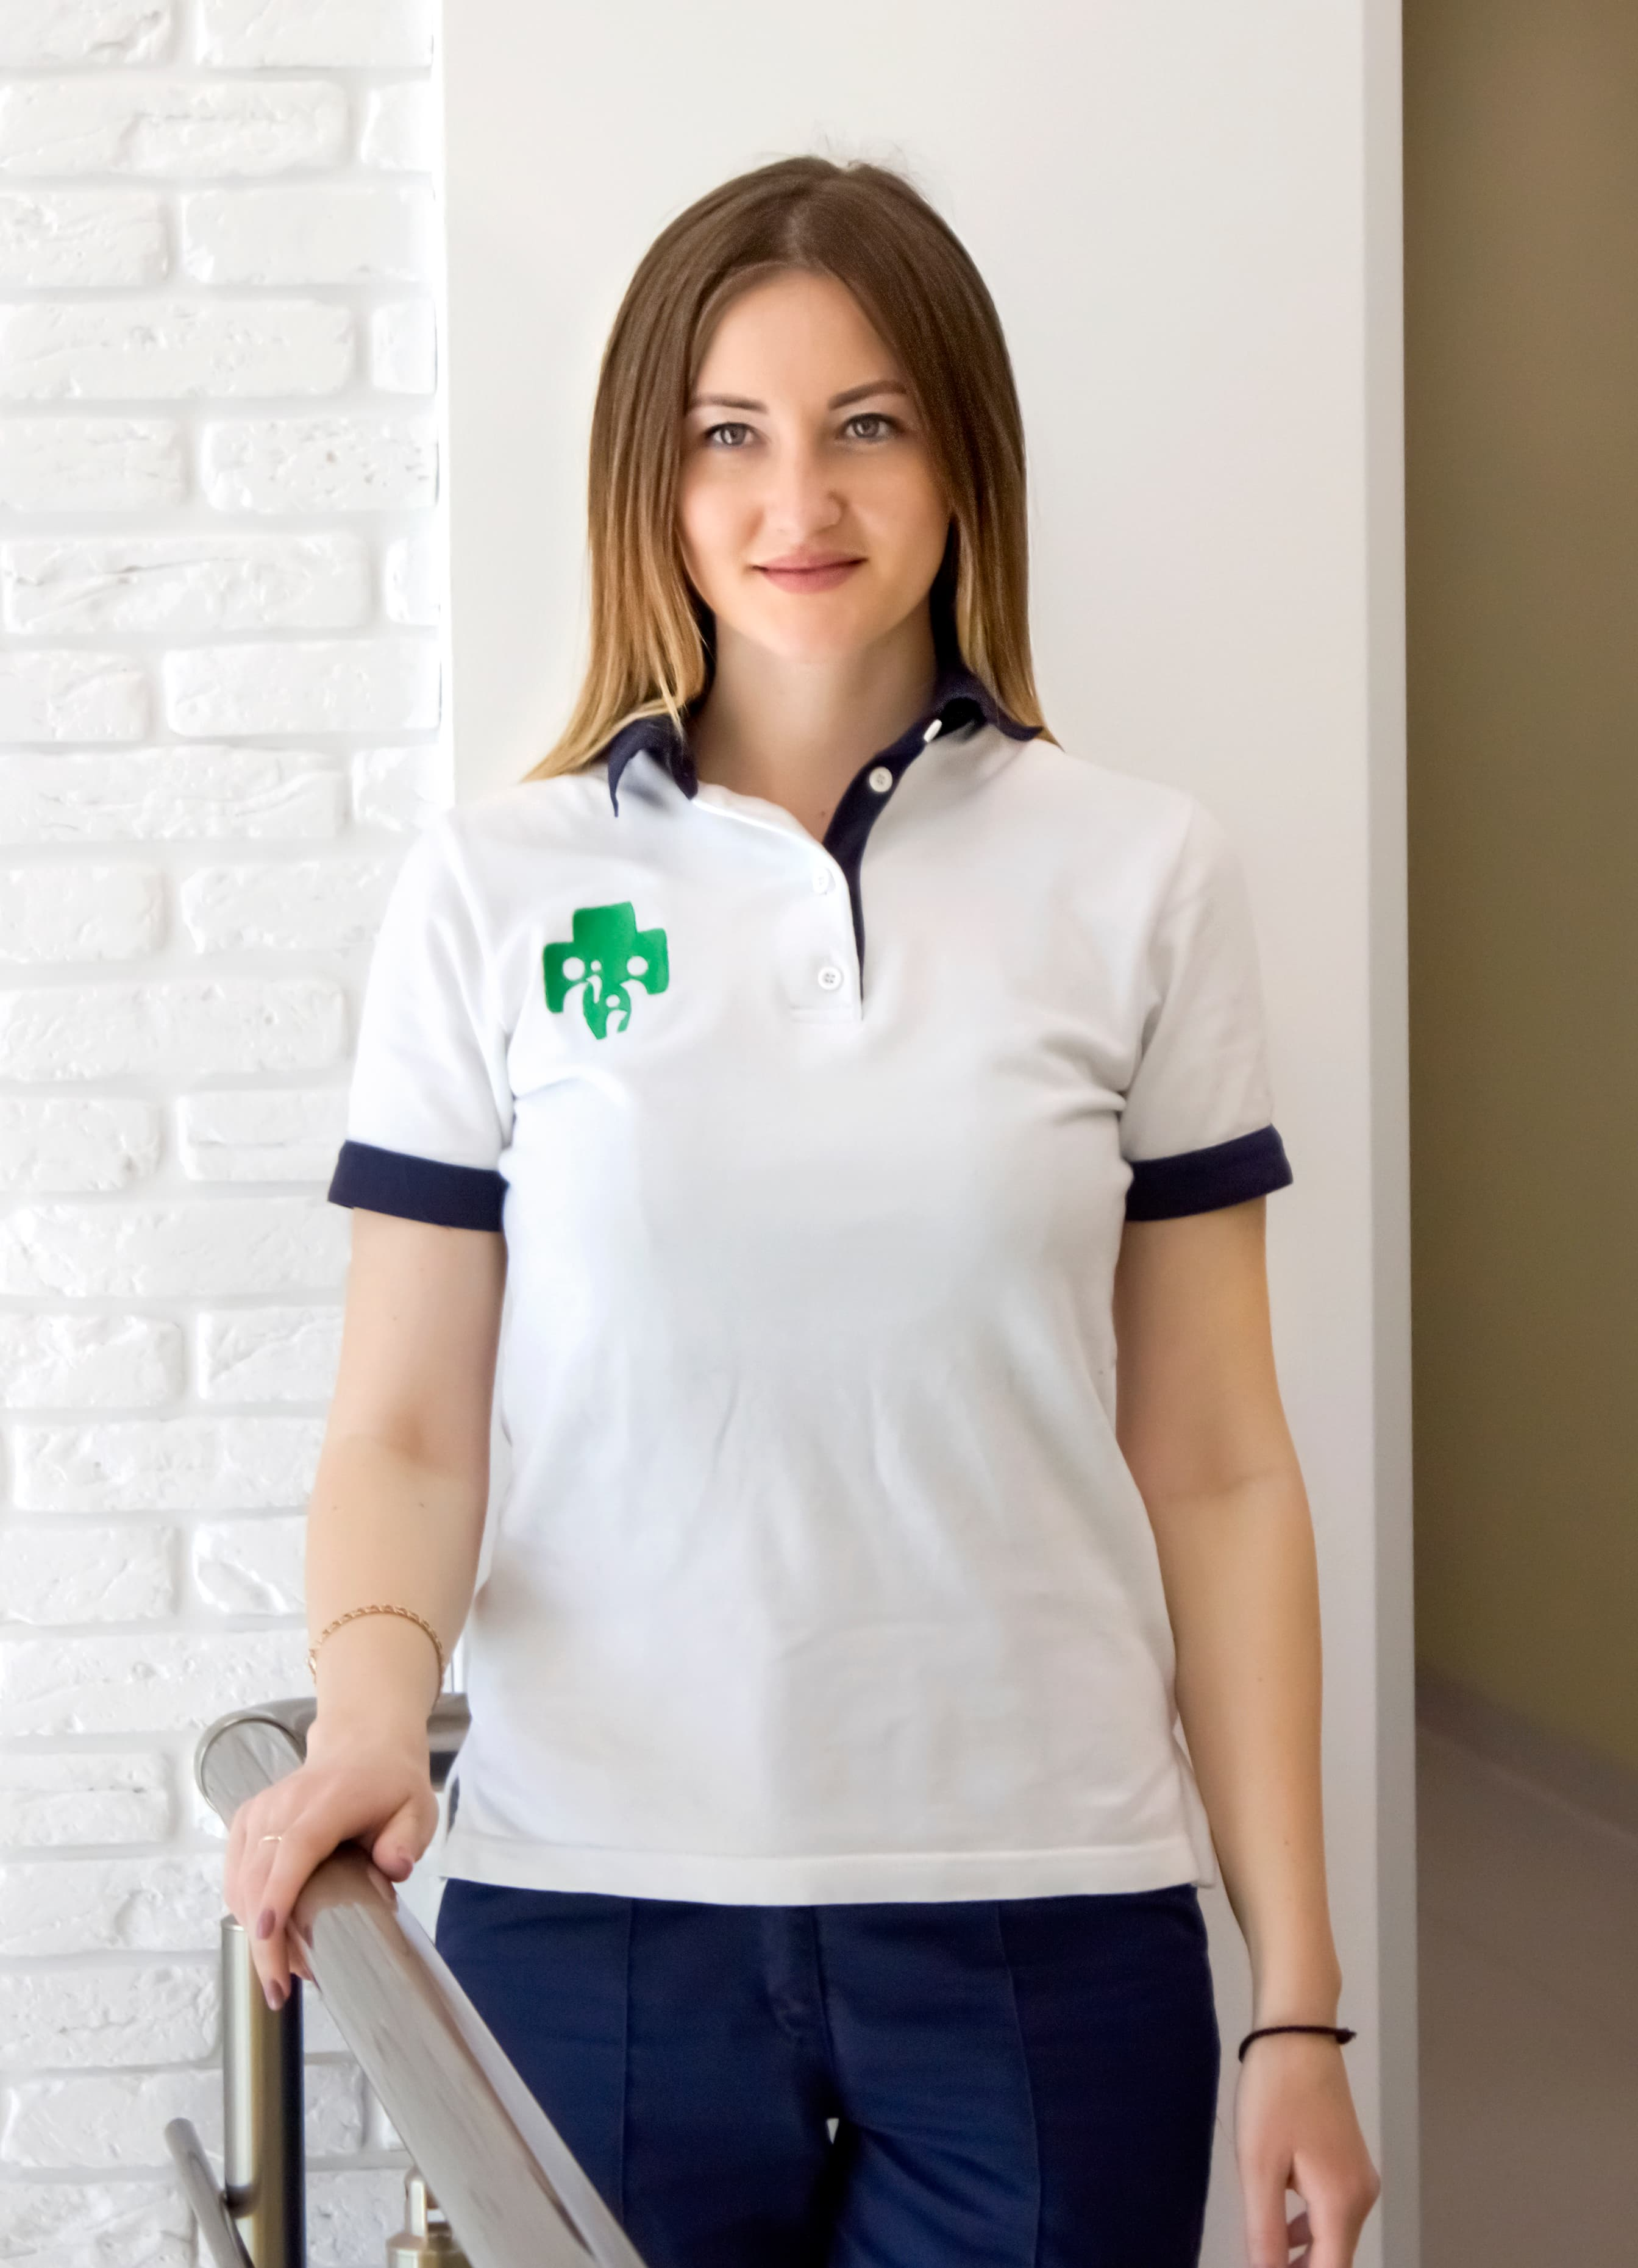 Макарова Юлия Владимировна - семейный врач